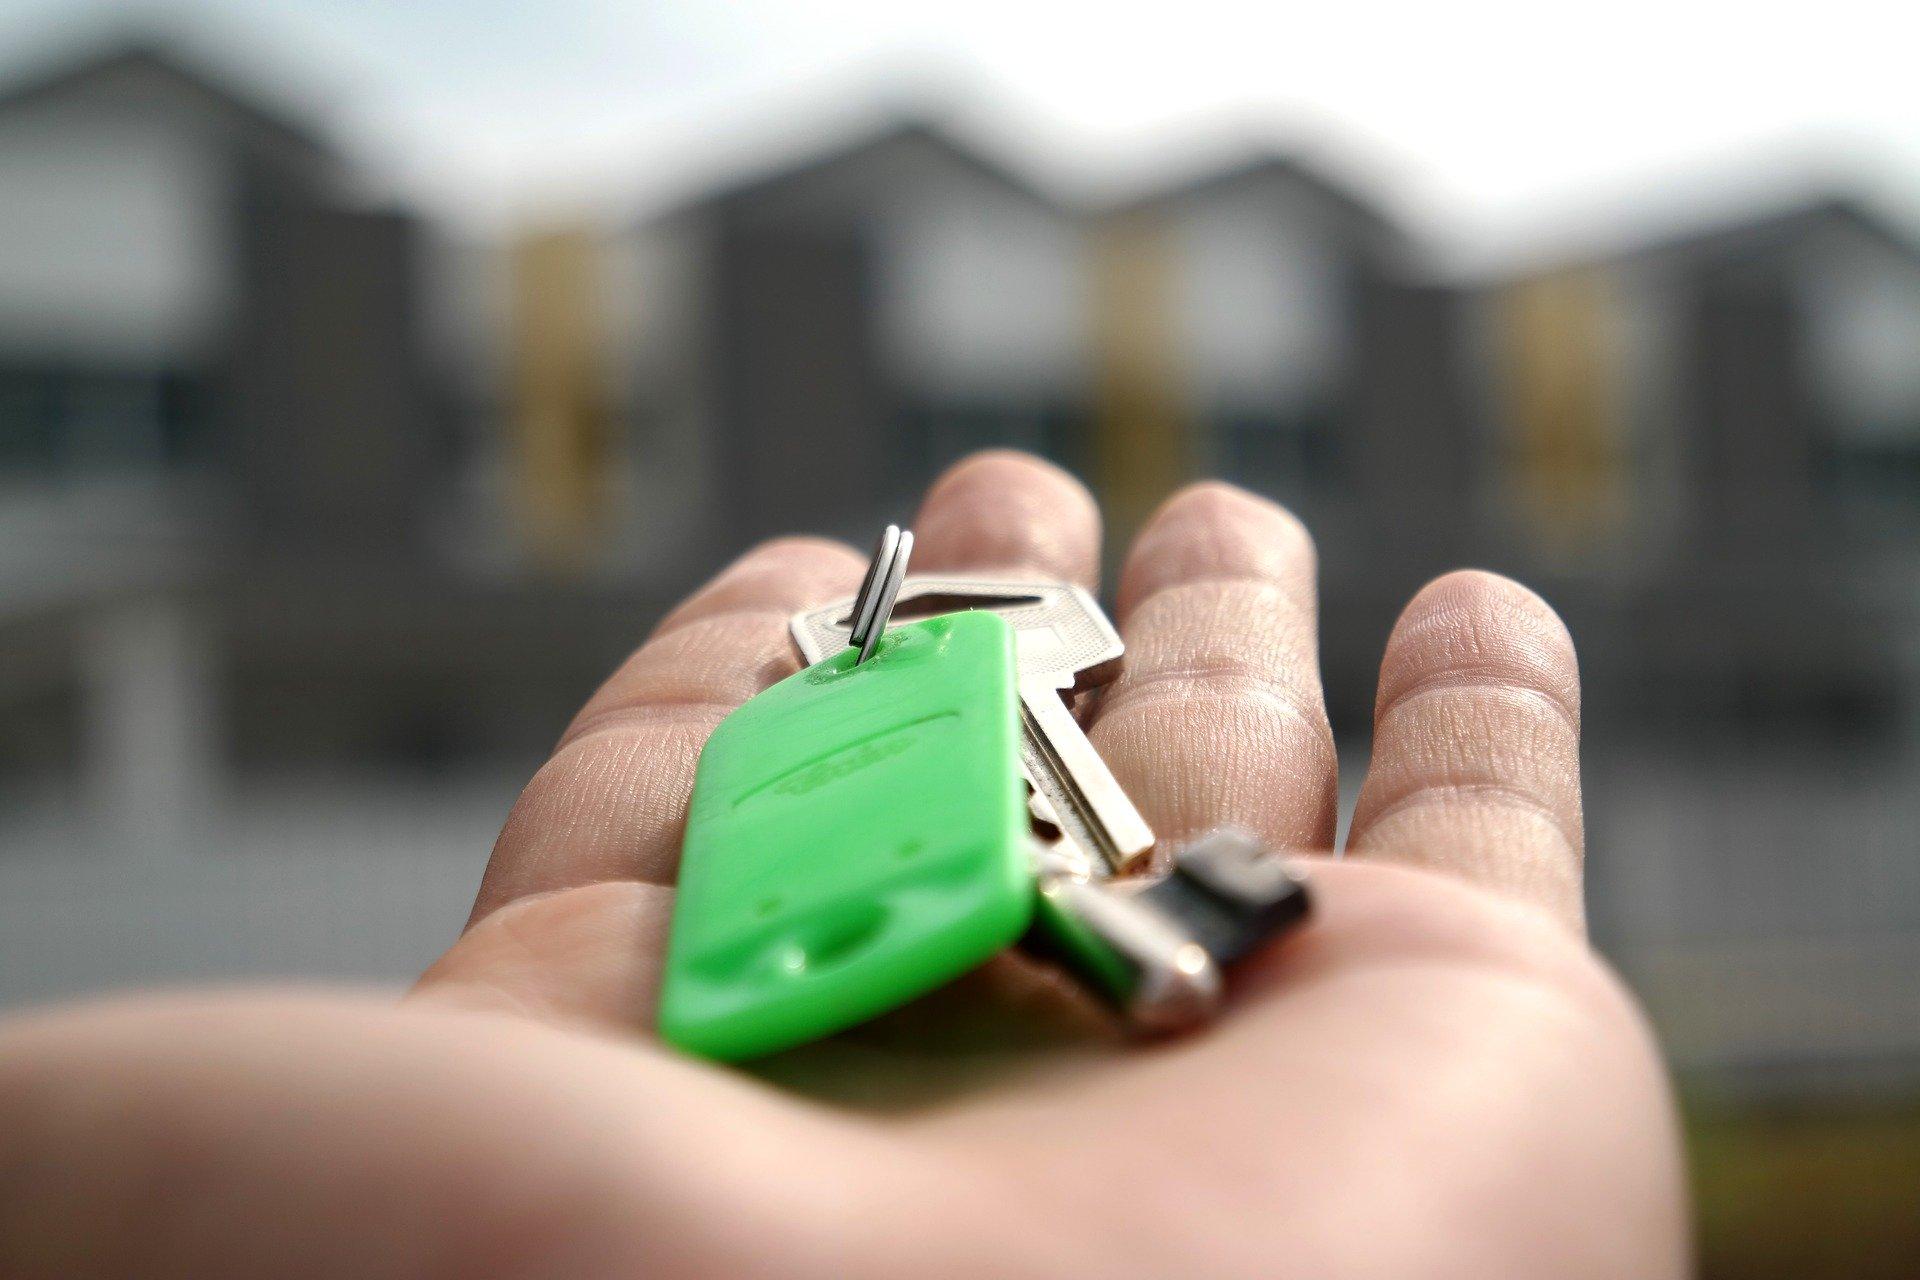 Le report de loyer pour une entreprise repose sur un accord amiable entre propriétaire et locataire.